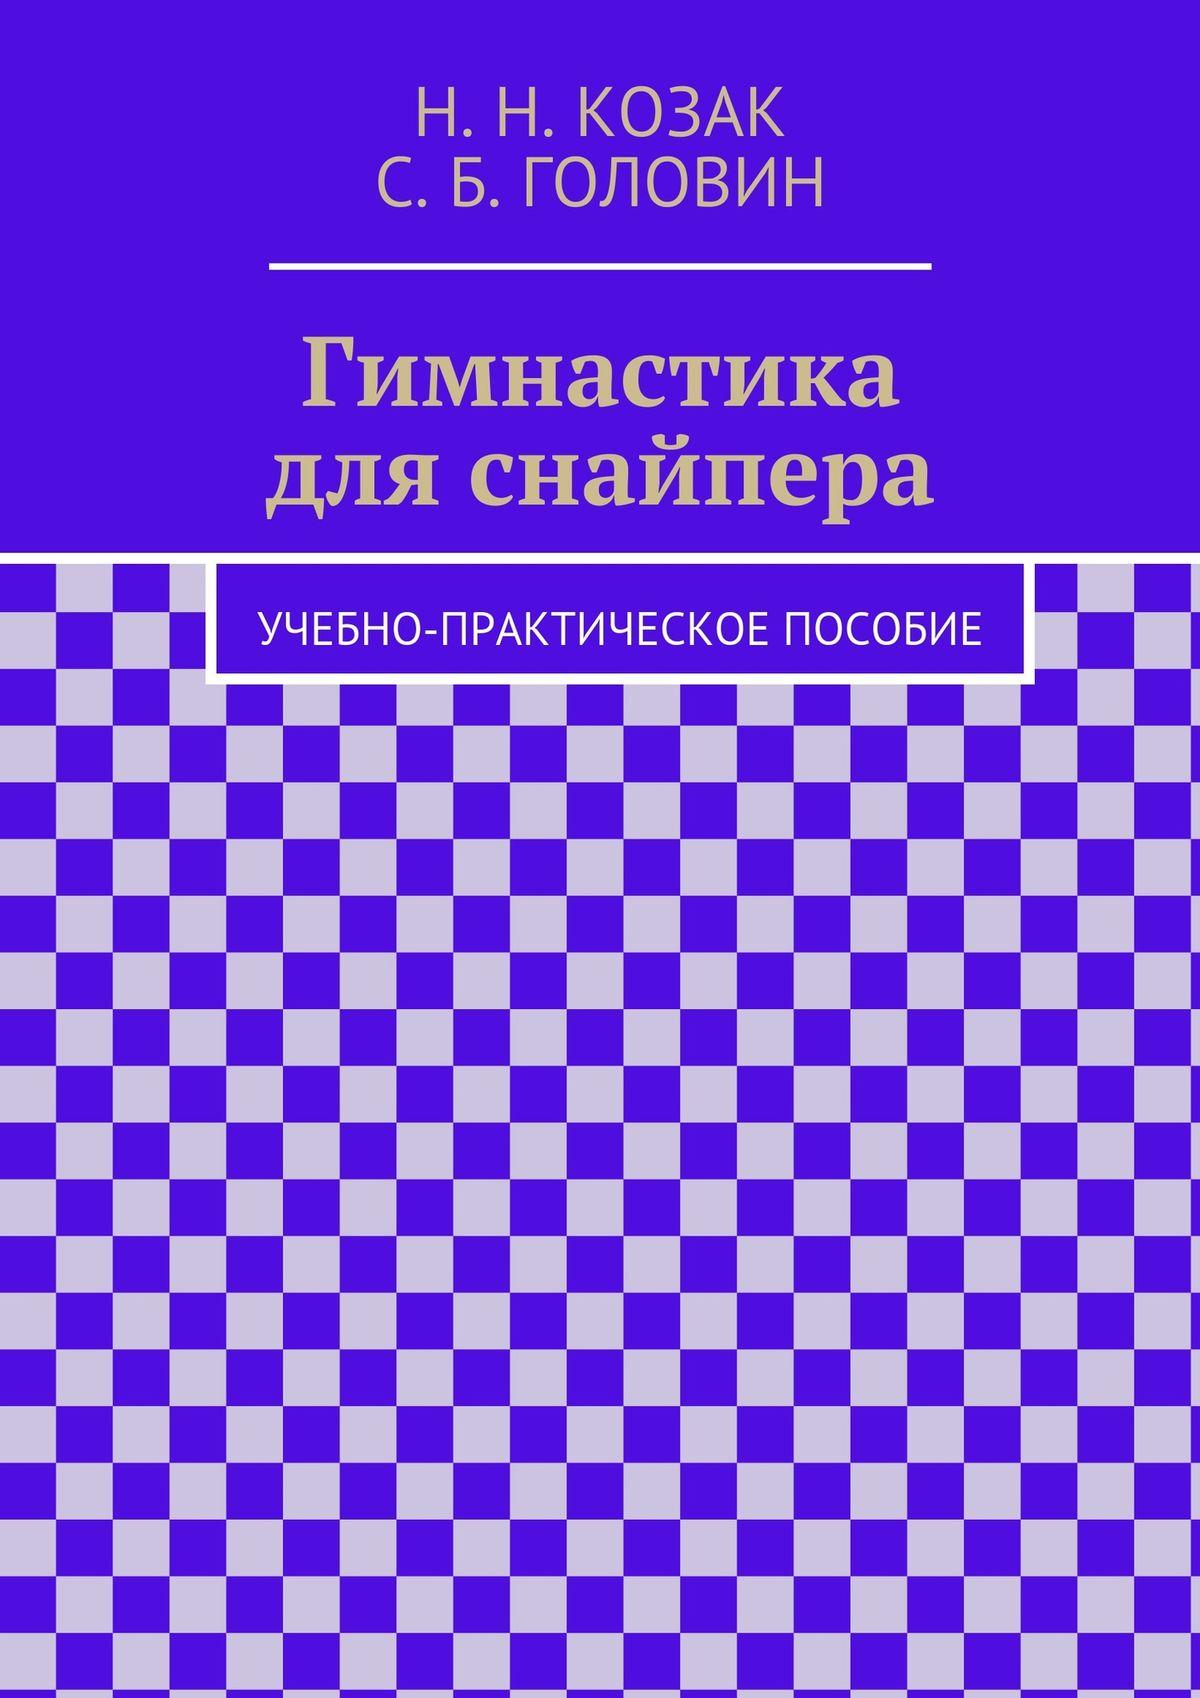 Н. Н. Козак Гимнастика для снайпера козак николай николаевич комплексная безопасность в образоват учреждениях